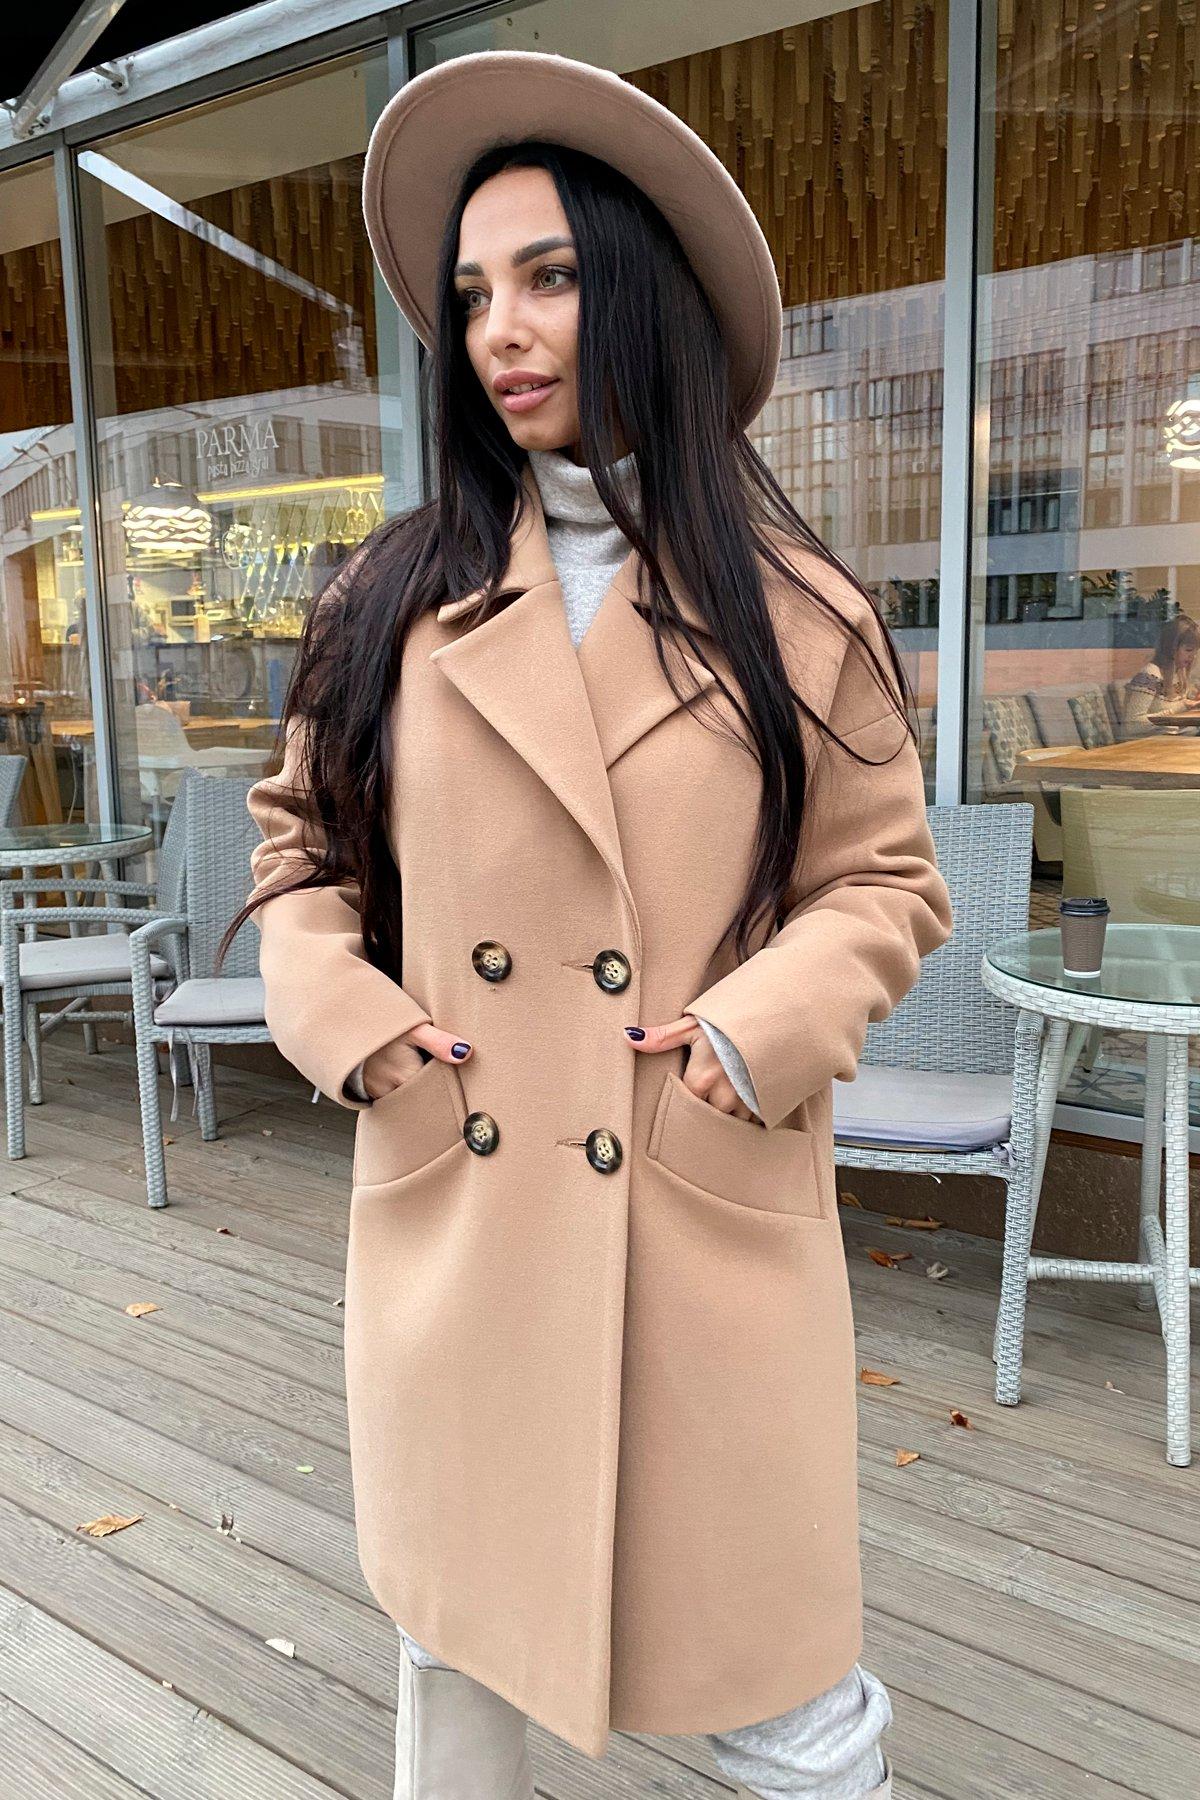 Сенсей кашемир турецкий зима пальто 10043 АРТ. 46336 Цвет: Кемел - фото 3, интернет магазин tm-modus.ru